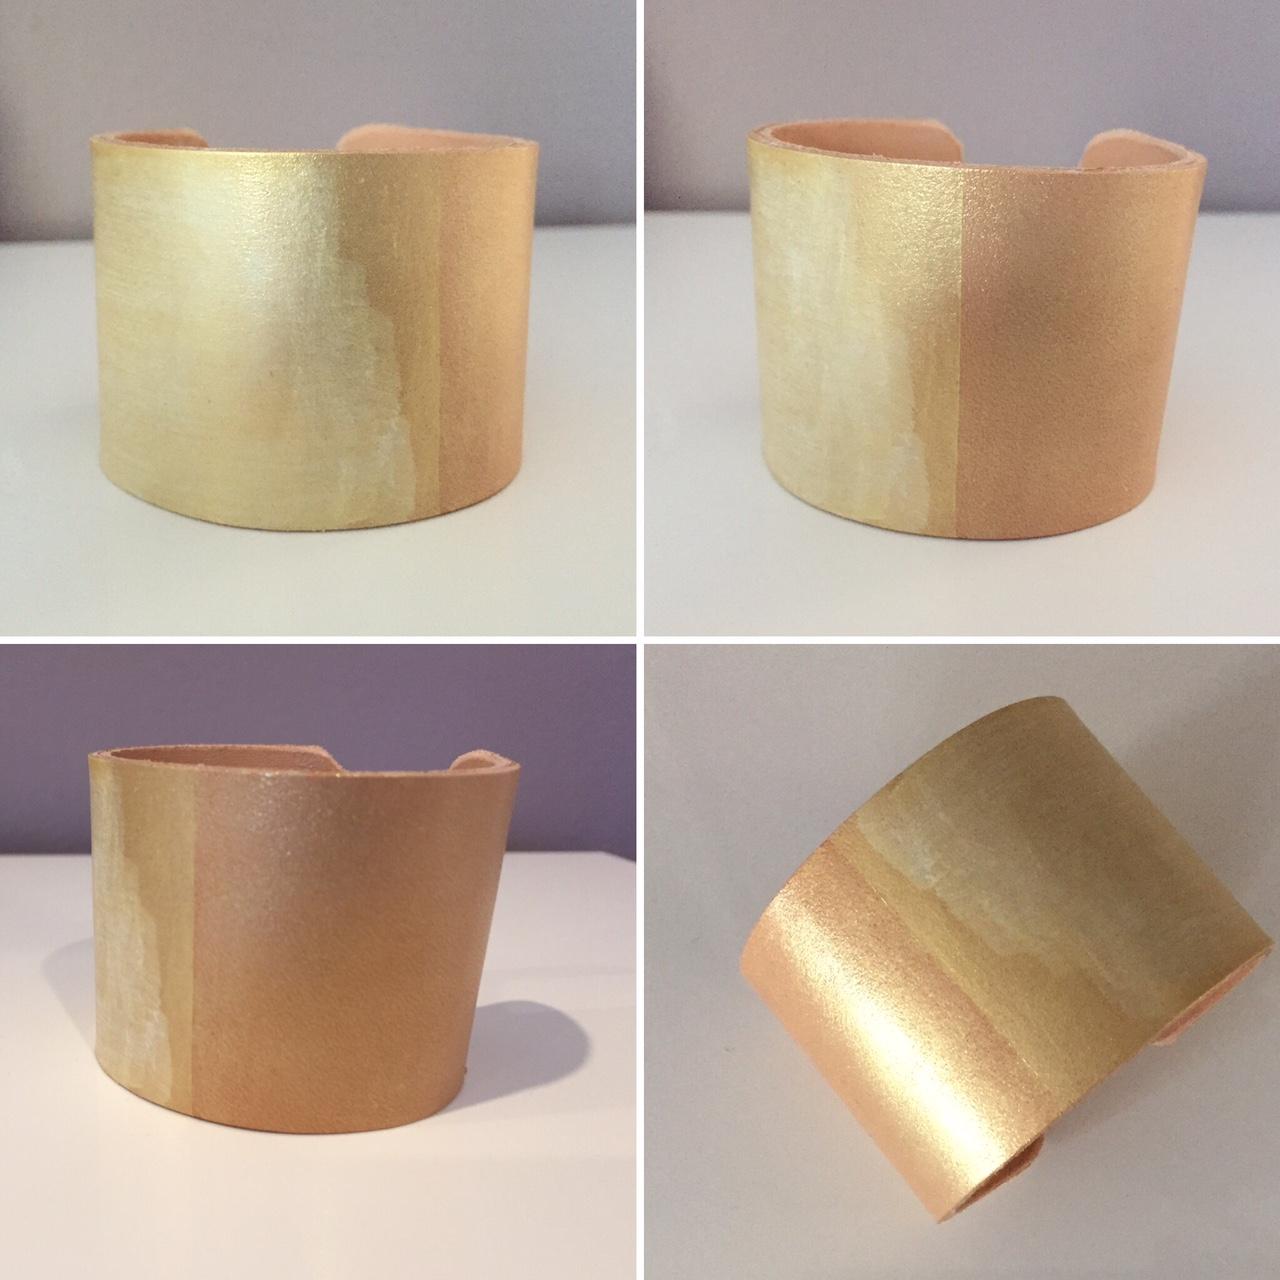 gold landscape cuff.JPG